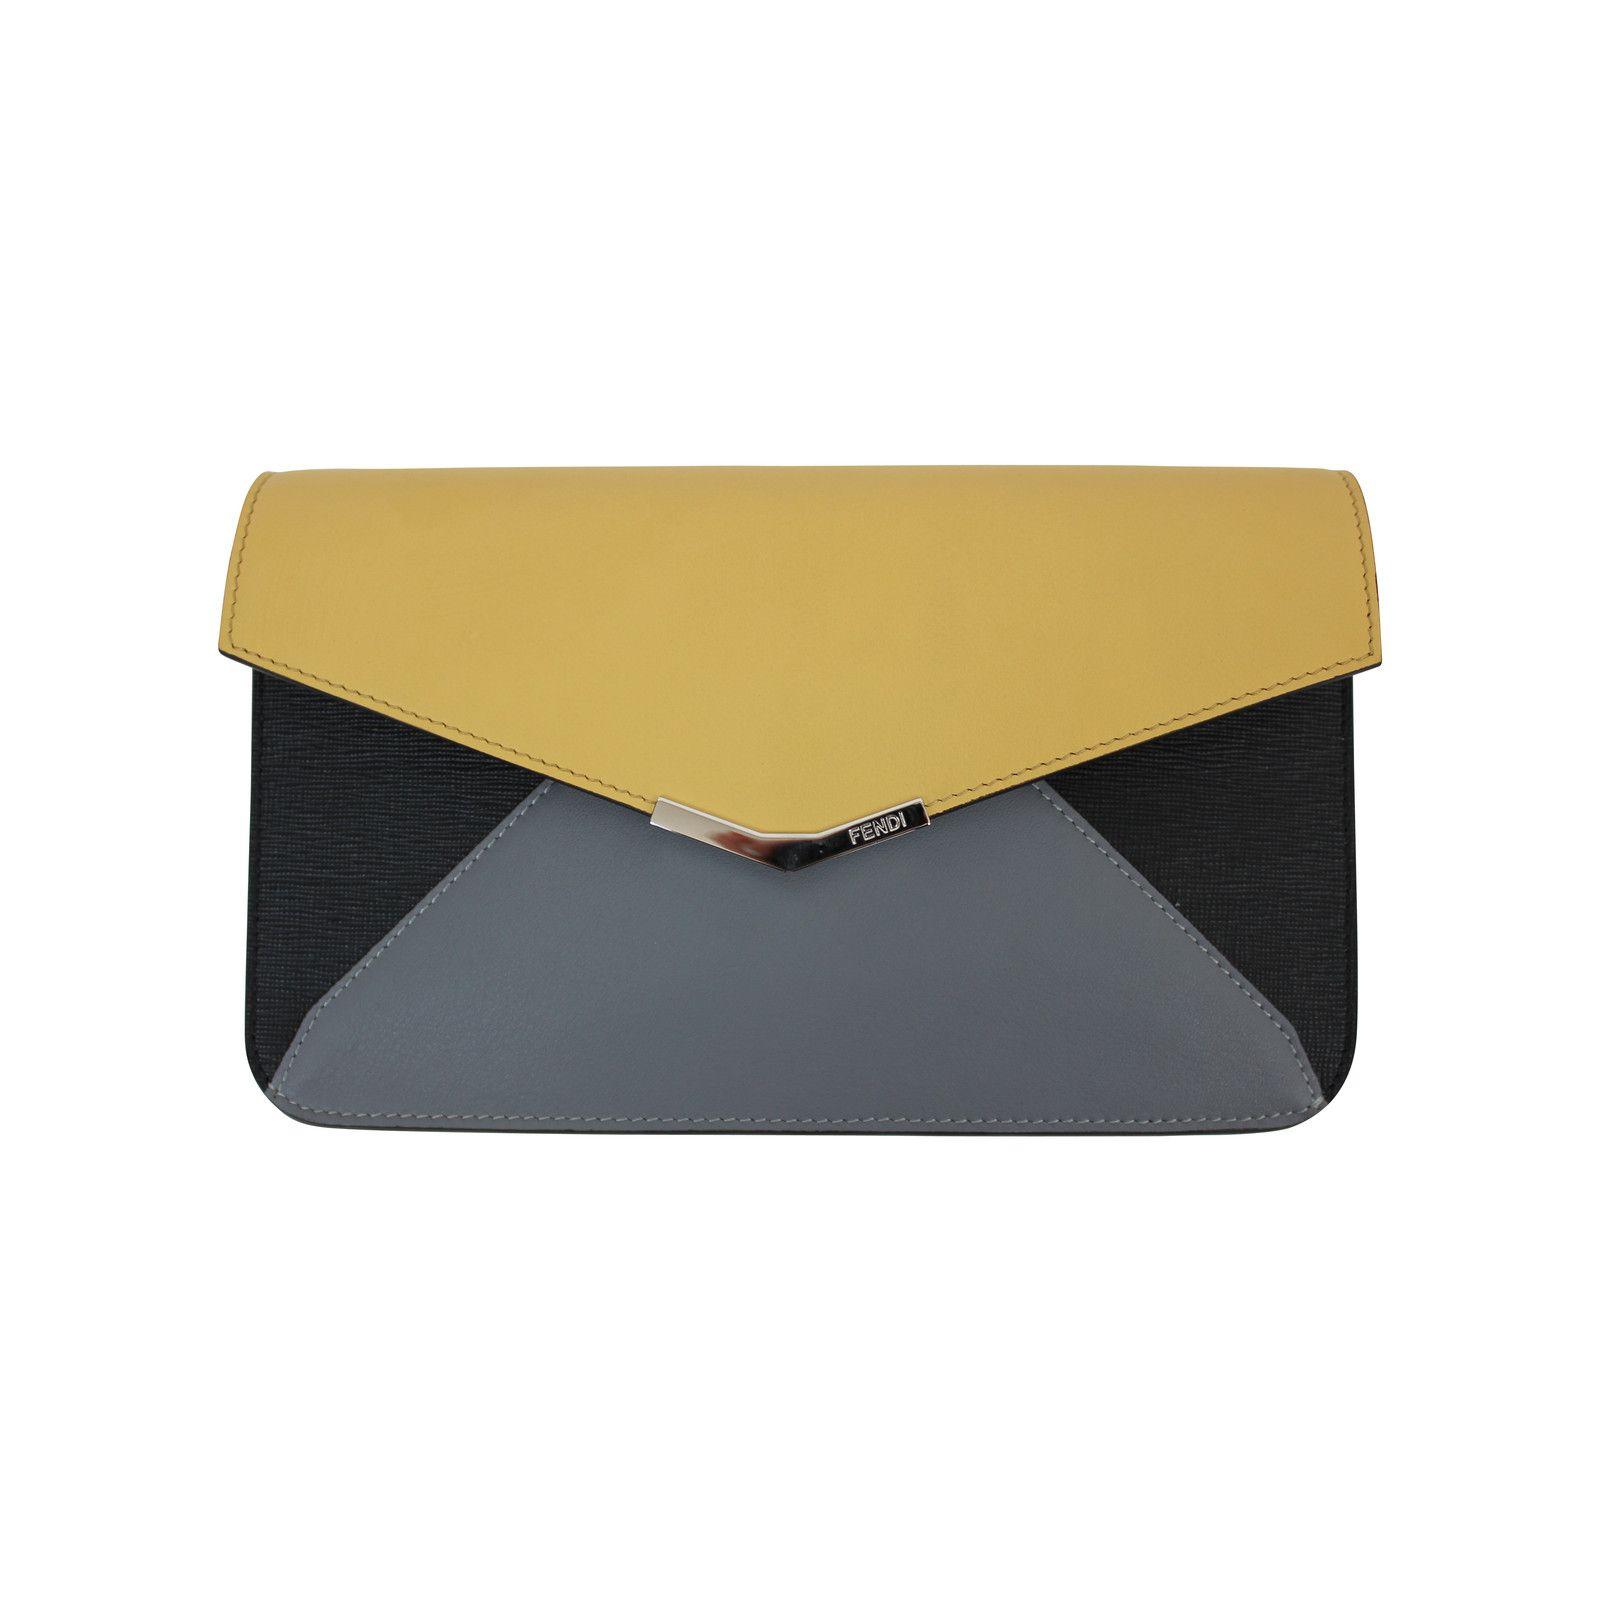 ad7857d230dc Pochette Fendi www.jolicloset.com  sac  pochette  fendi  luxe  mode ...